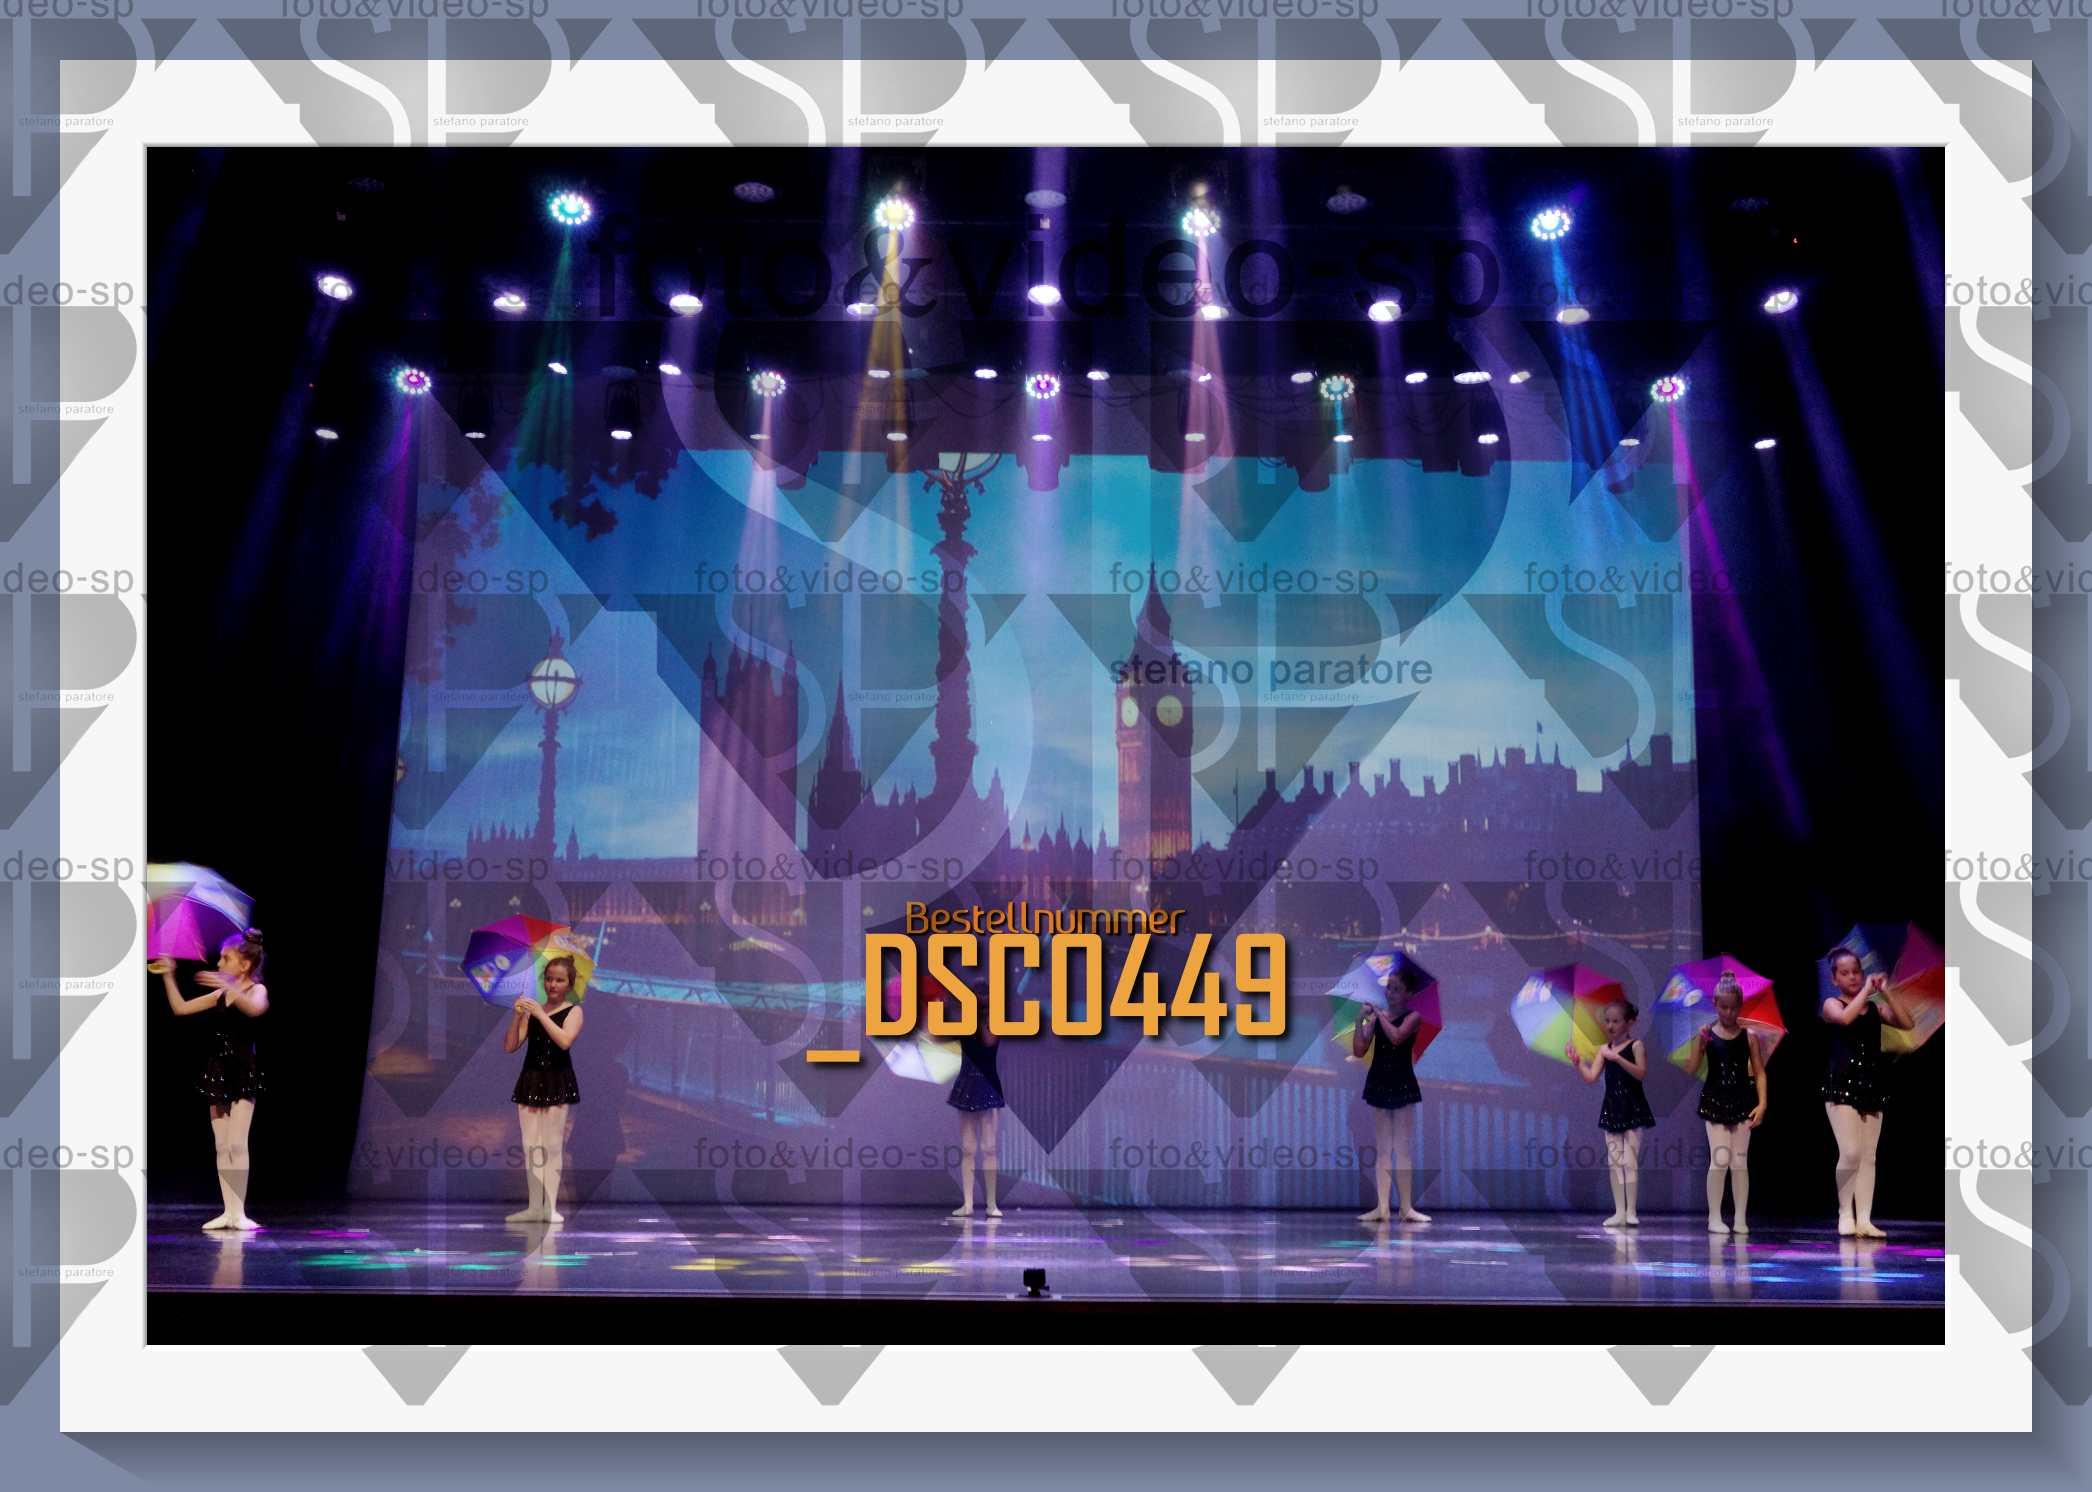 DSC0449